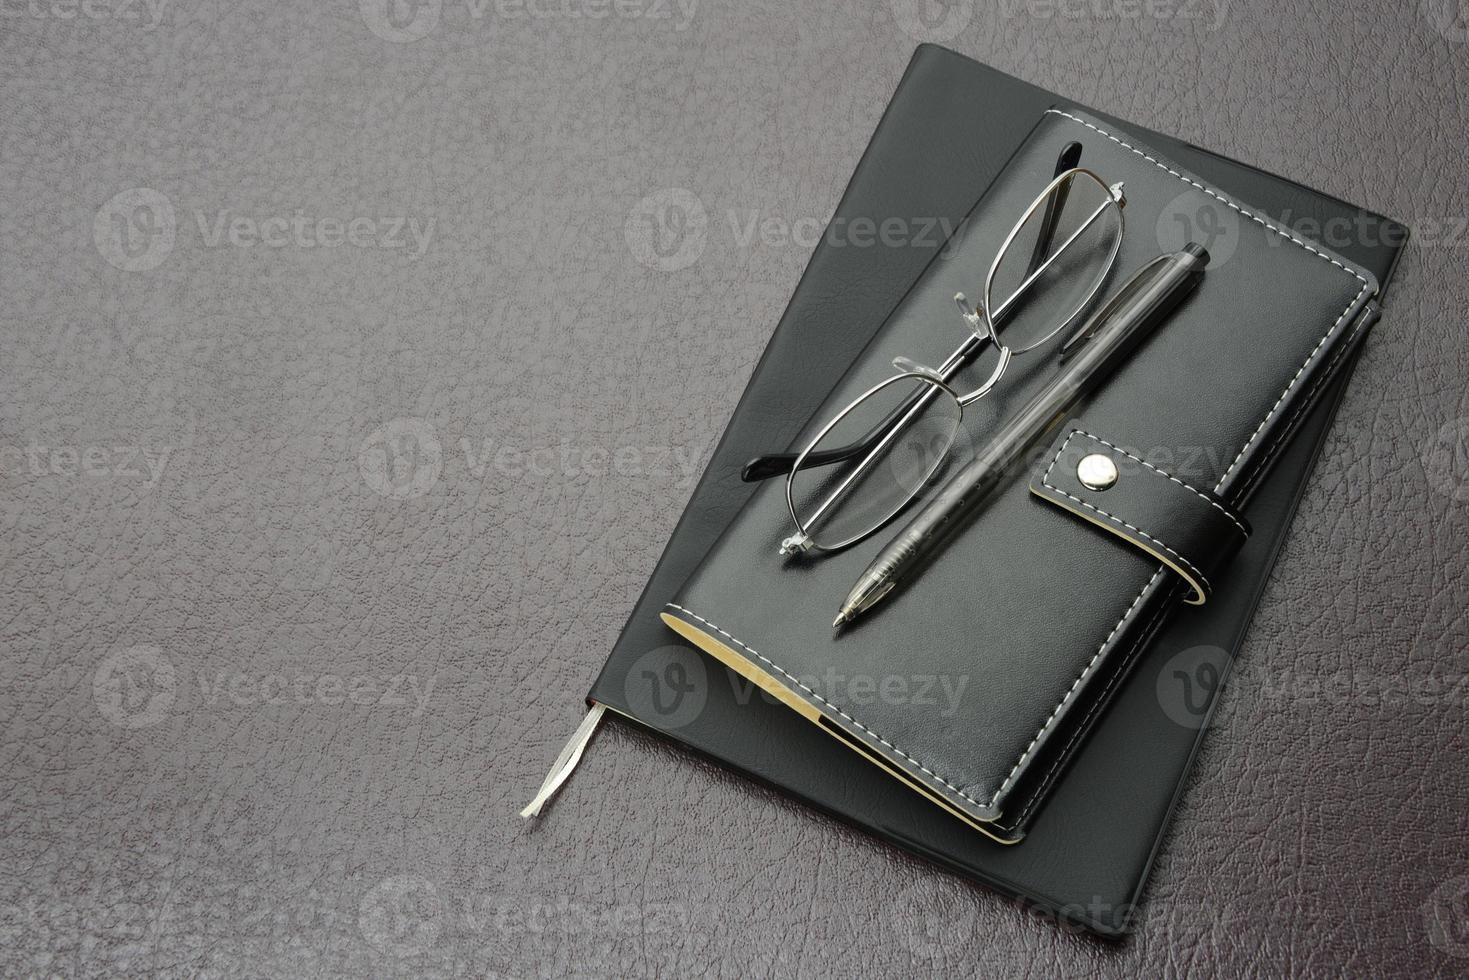 itens de negócios, óculos, caneta e organizador pessoal foto